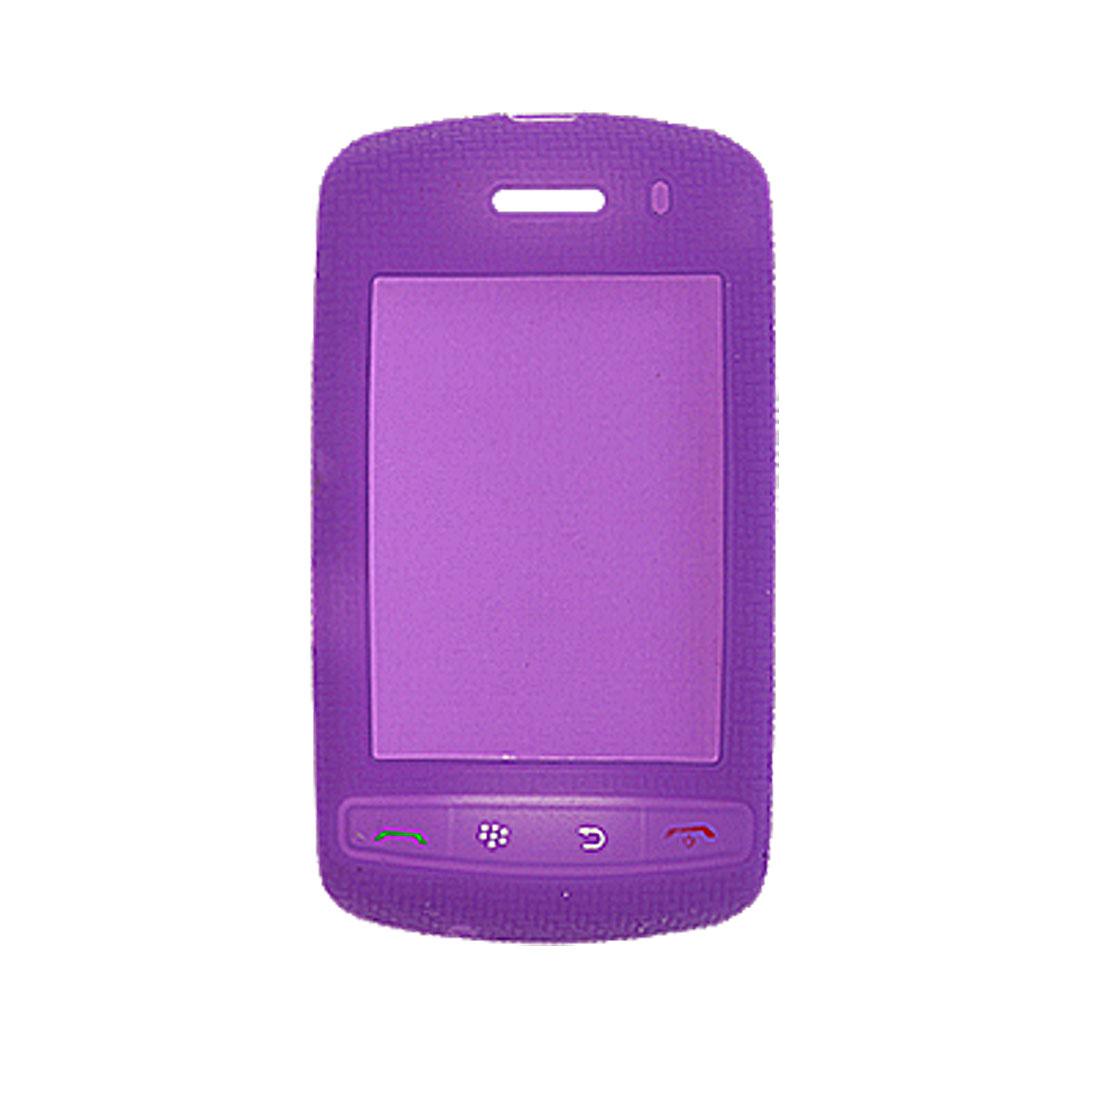 Nonskid Silicone Case Skin for Blackberry 9500 9530 Purple